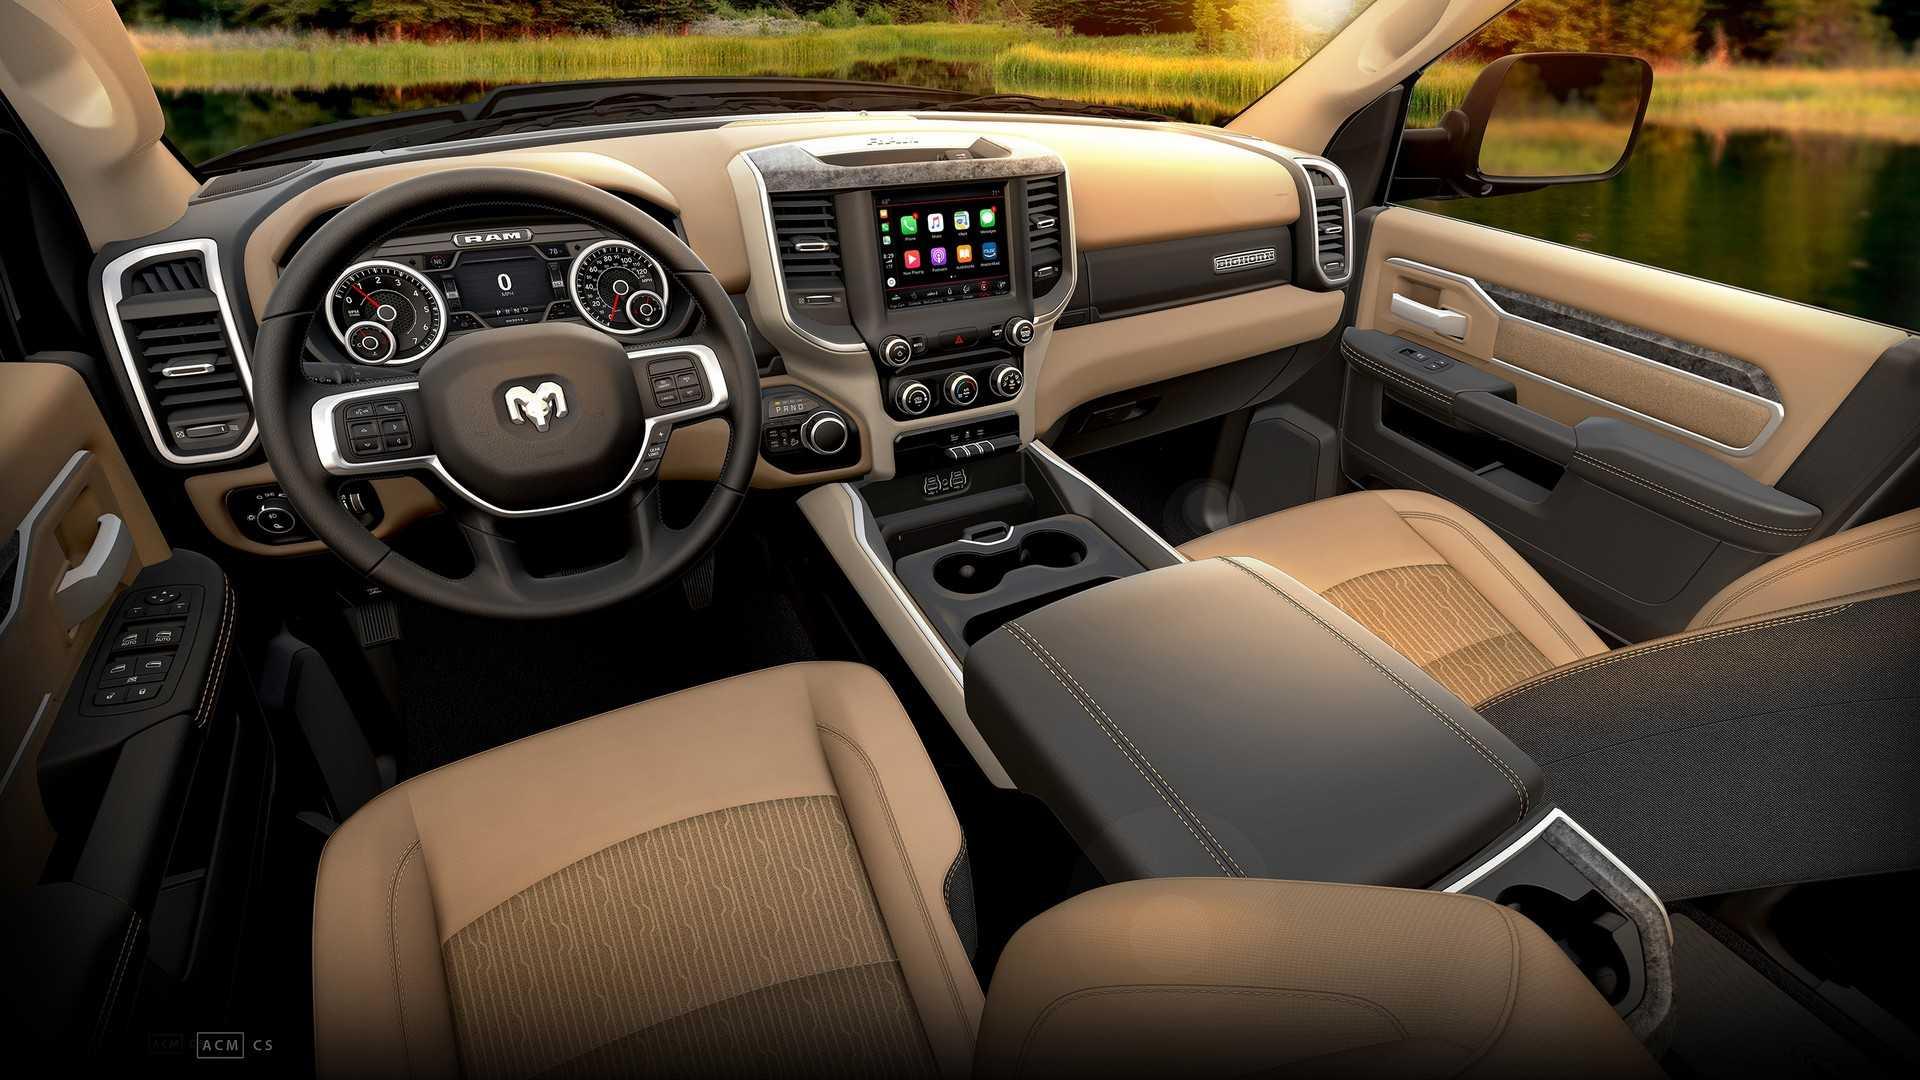 2019-ram-heavy-duty-interior (10)